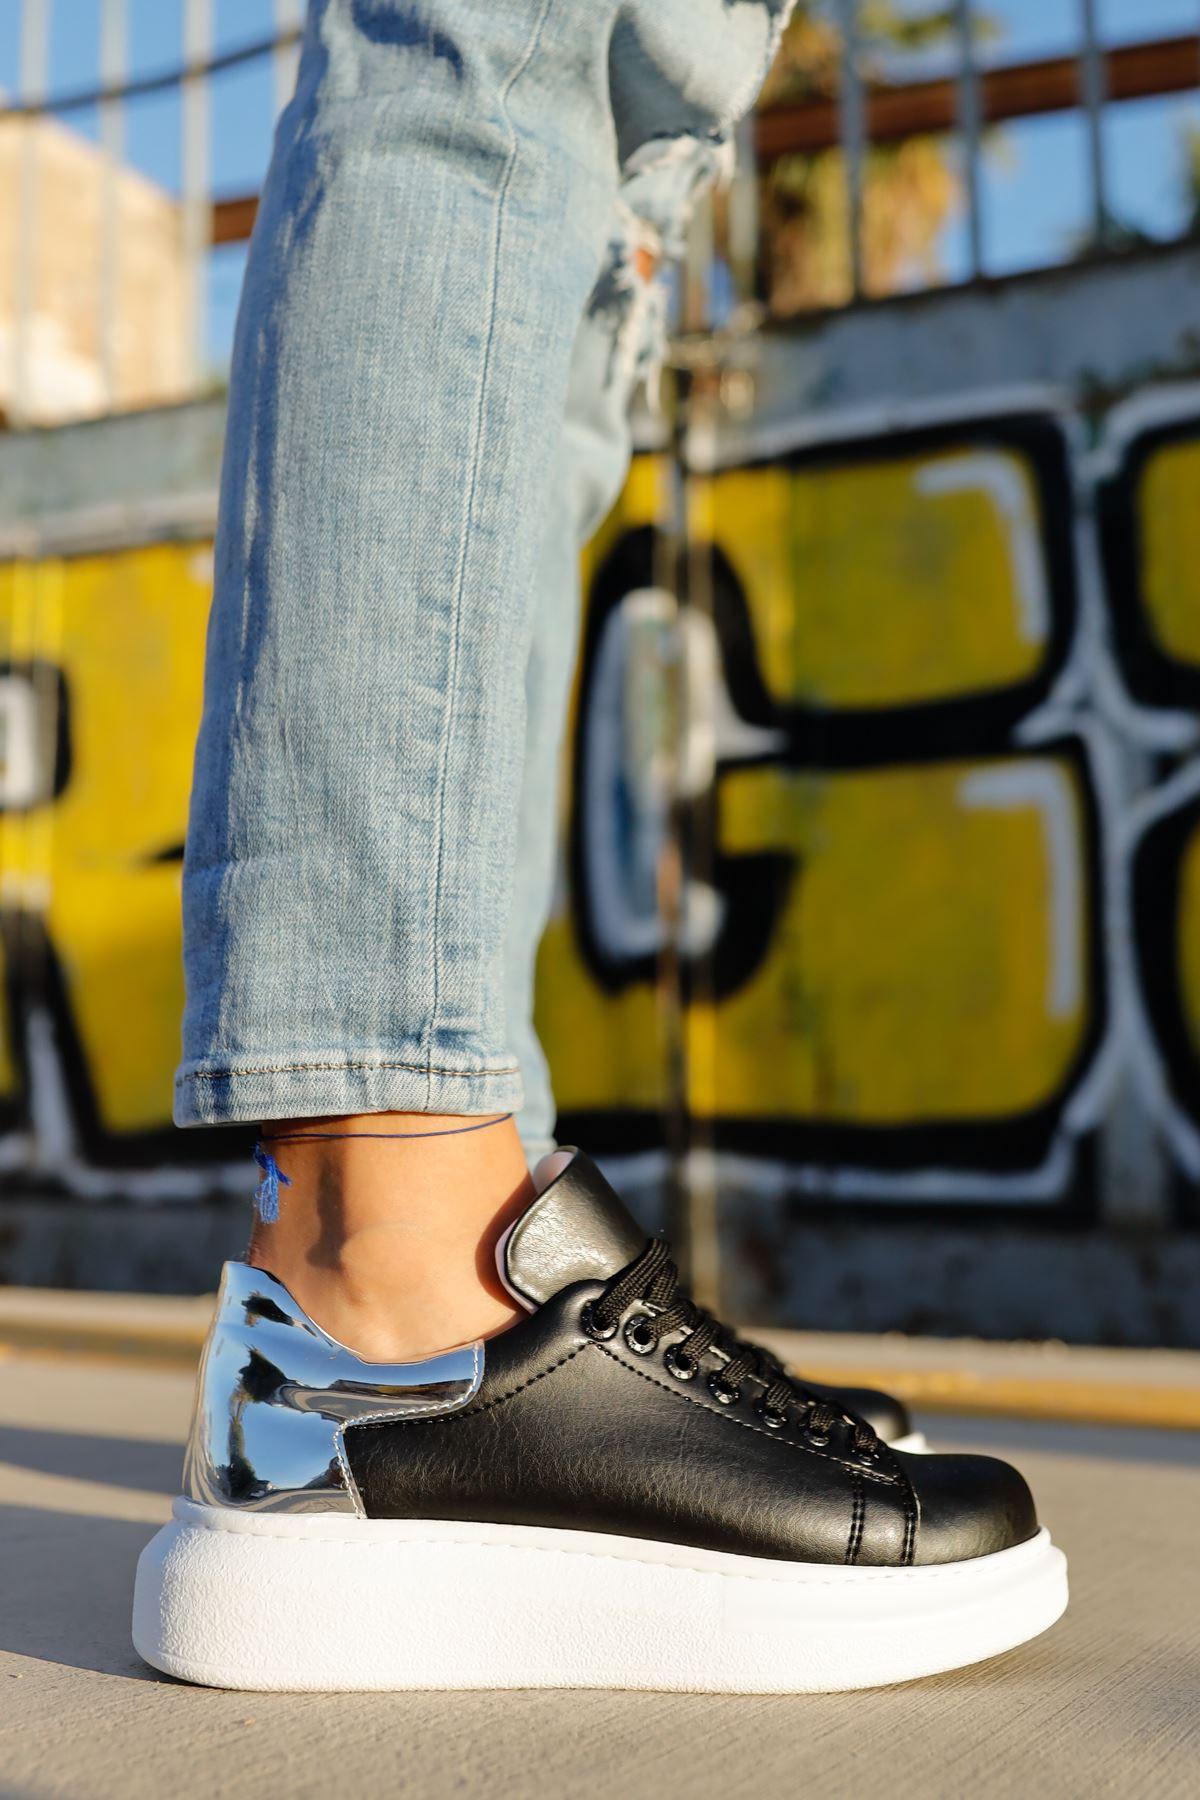 Chekich CH259 BT Kadın Ayakkabı SİYAH / GÜMÜS